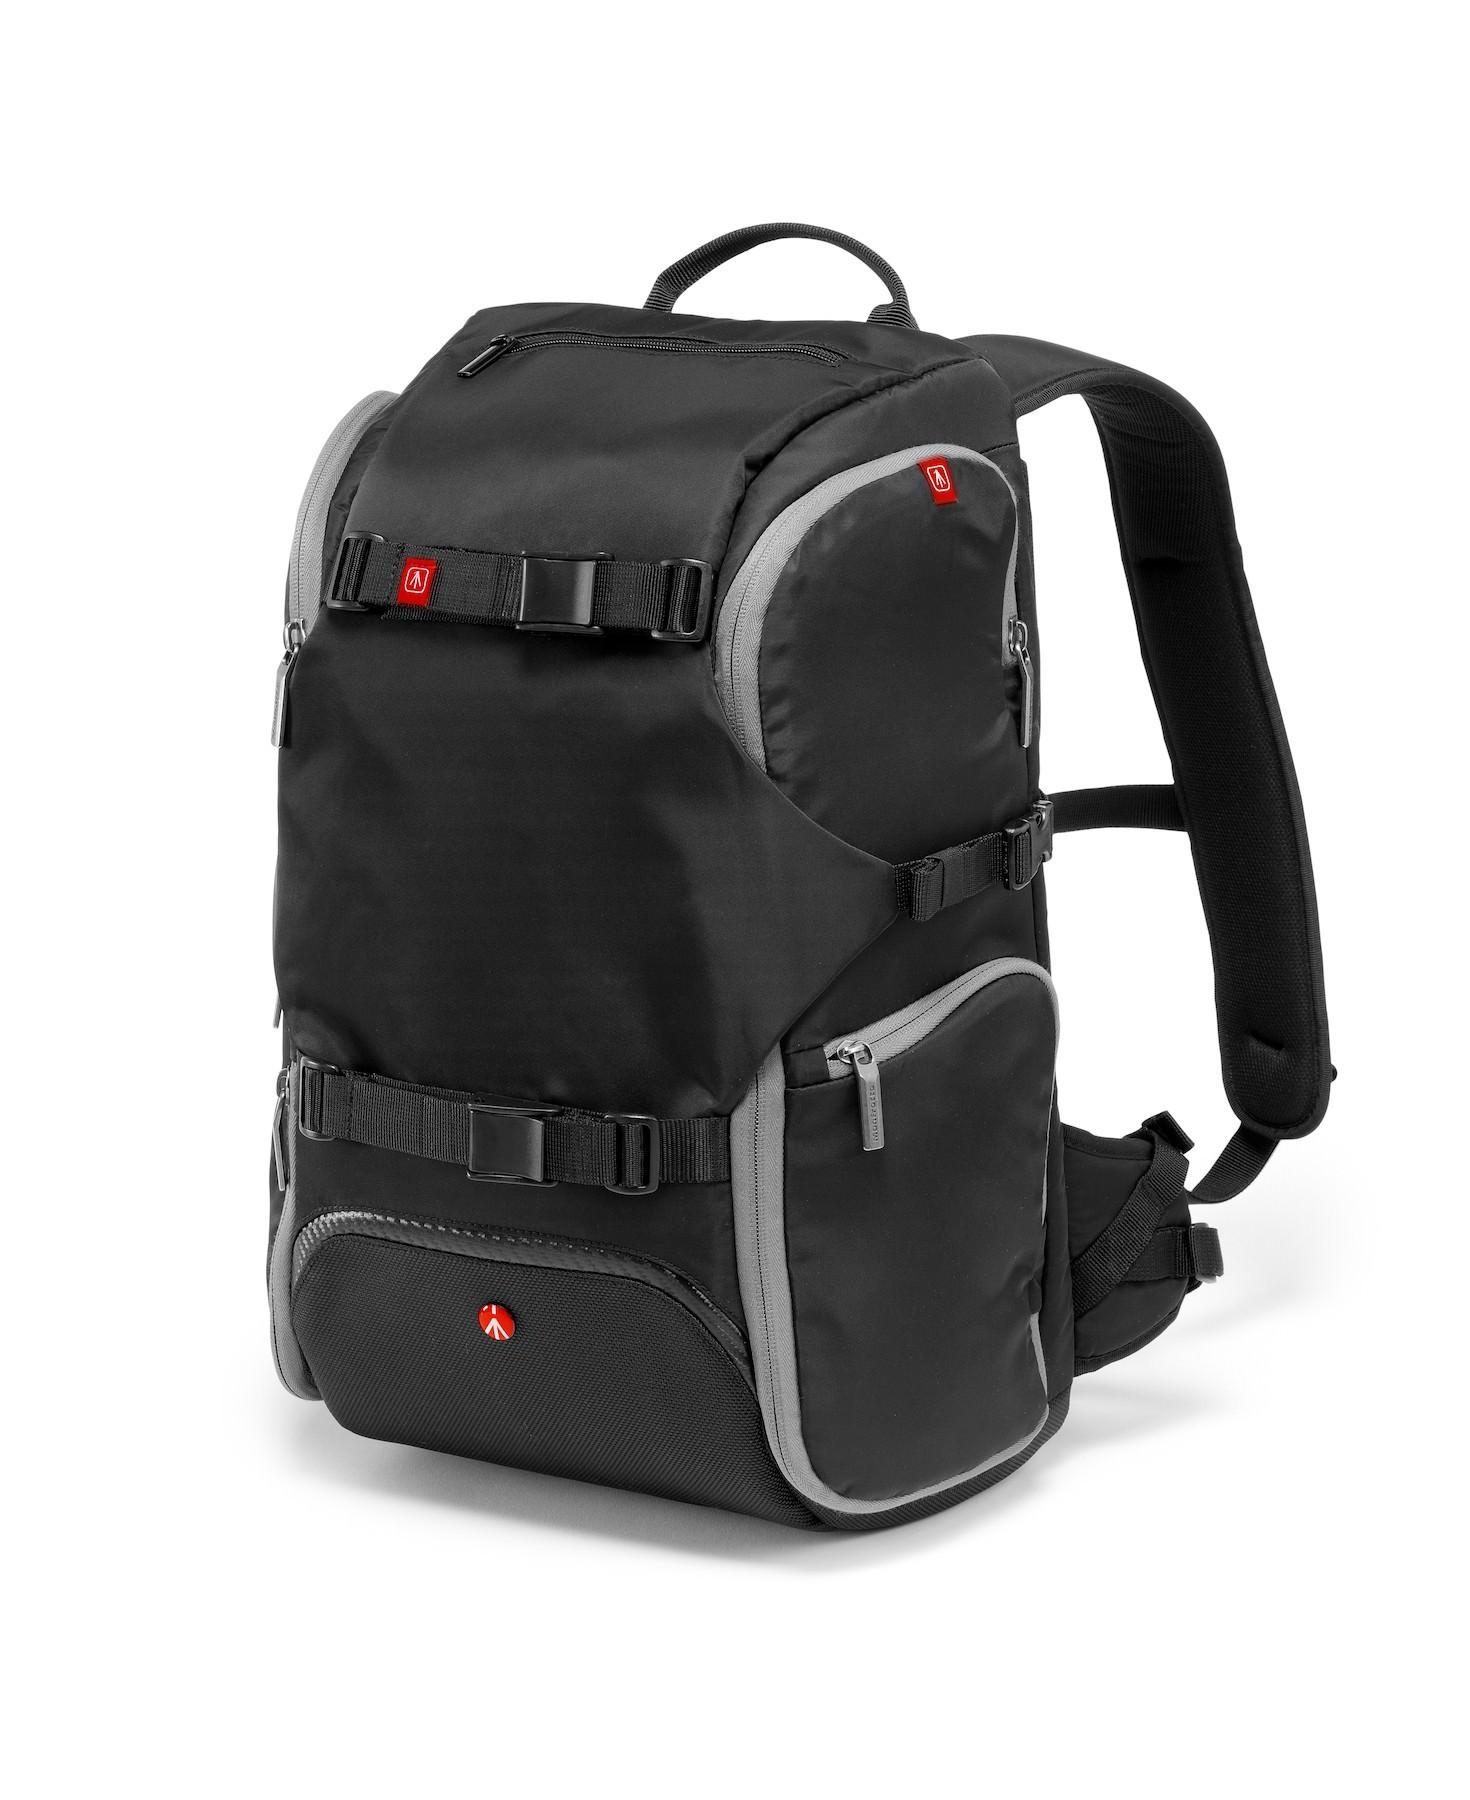 più foto d3fb6 f3621 Manfrotto zaino Travel Advanced con tasca porta treppiedi